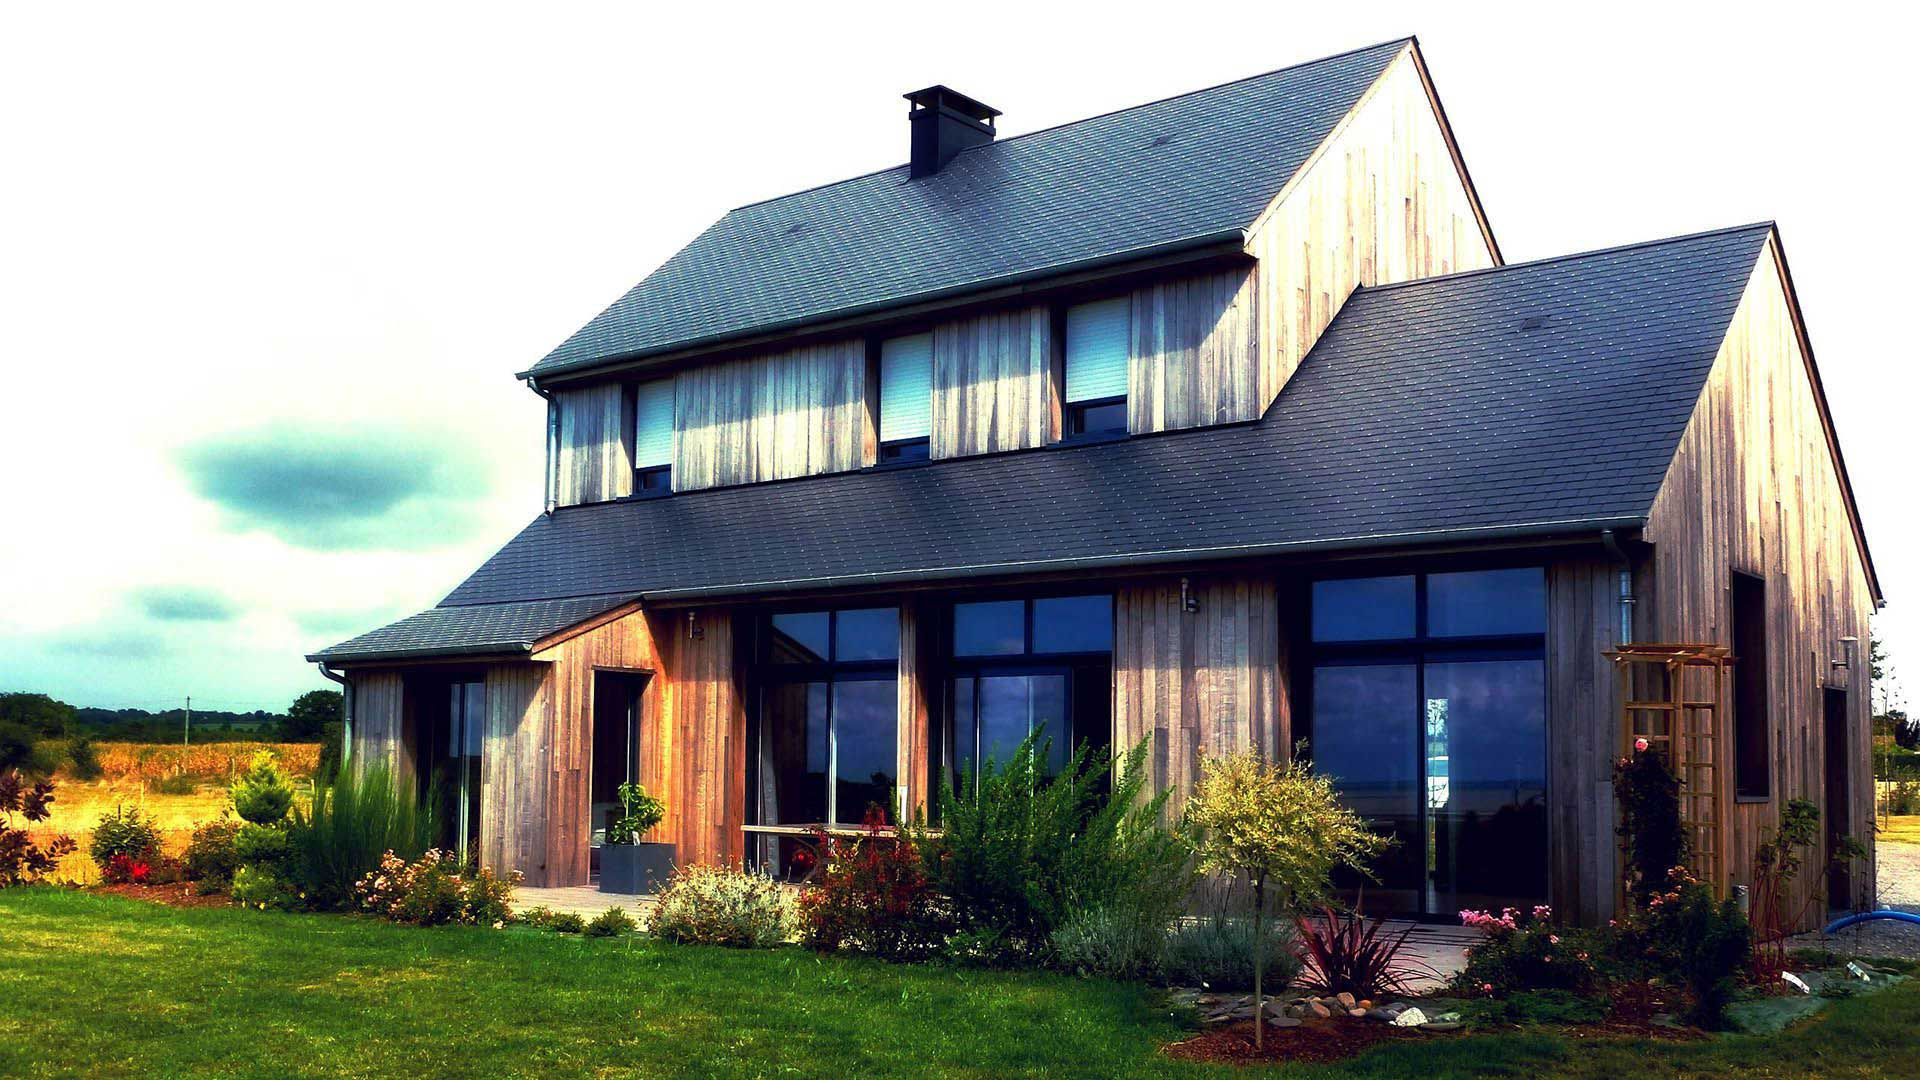 Je d finis mon budget pour acheter une maison for Acheter une maison a montreuil